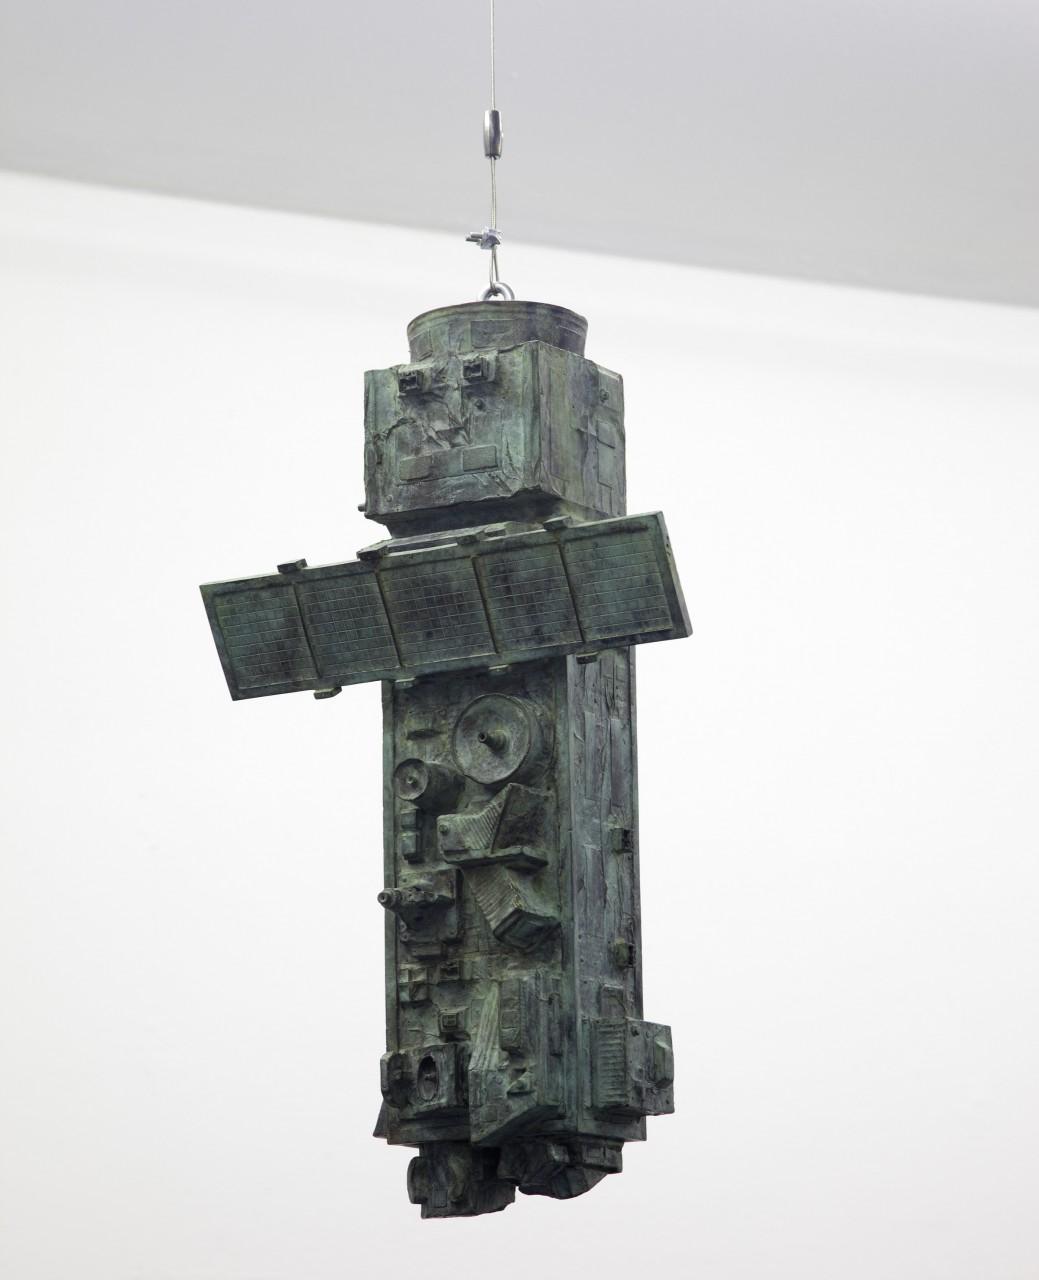 Envisat; 2014/ 15 sculpture; bronze; 52 x 38 x 24 cm (photograph: Sergio Belinchón)